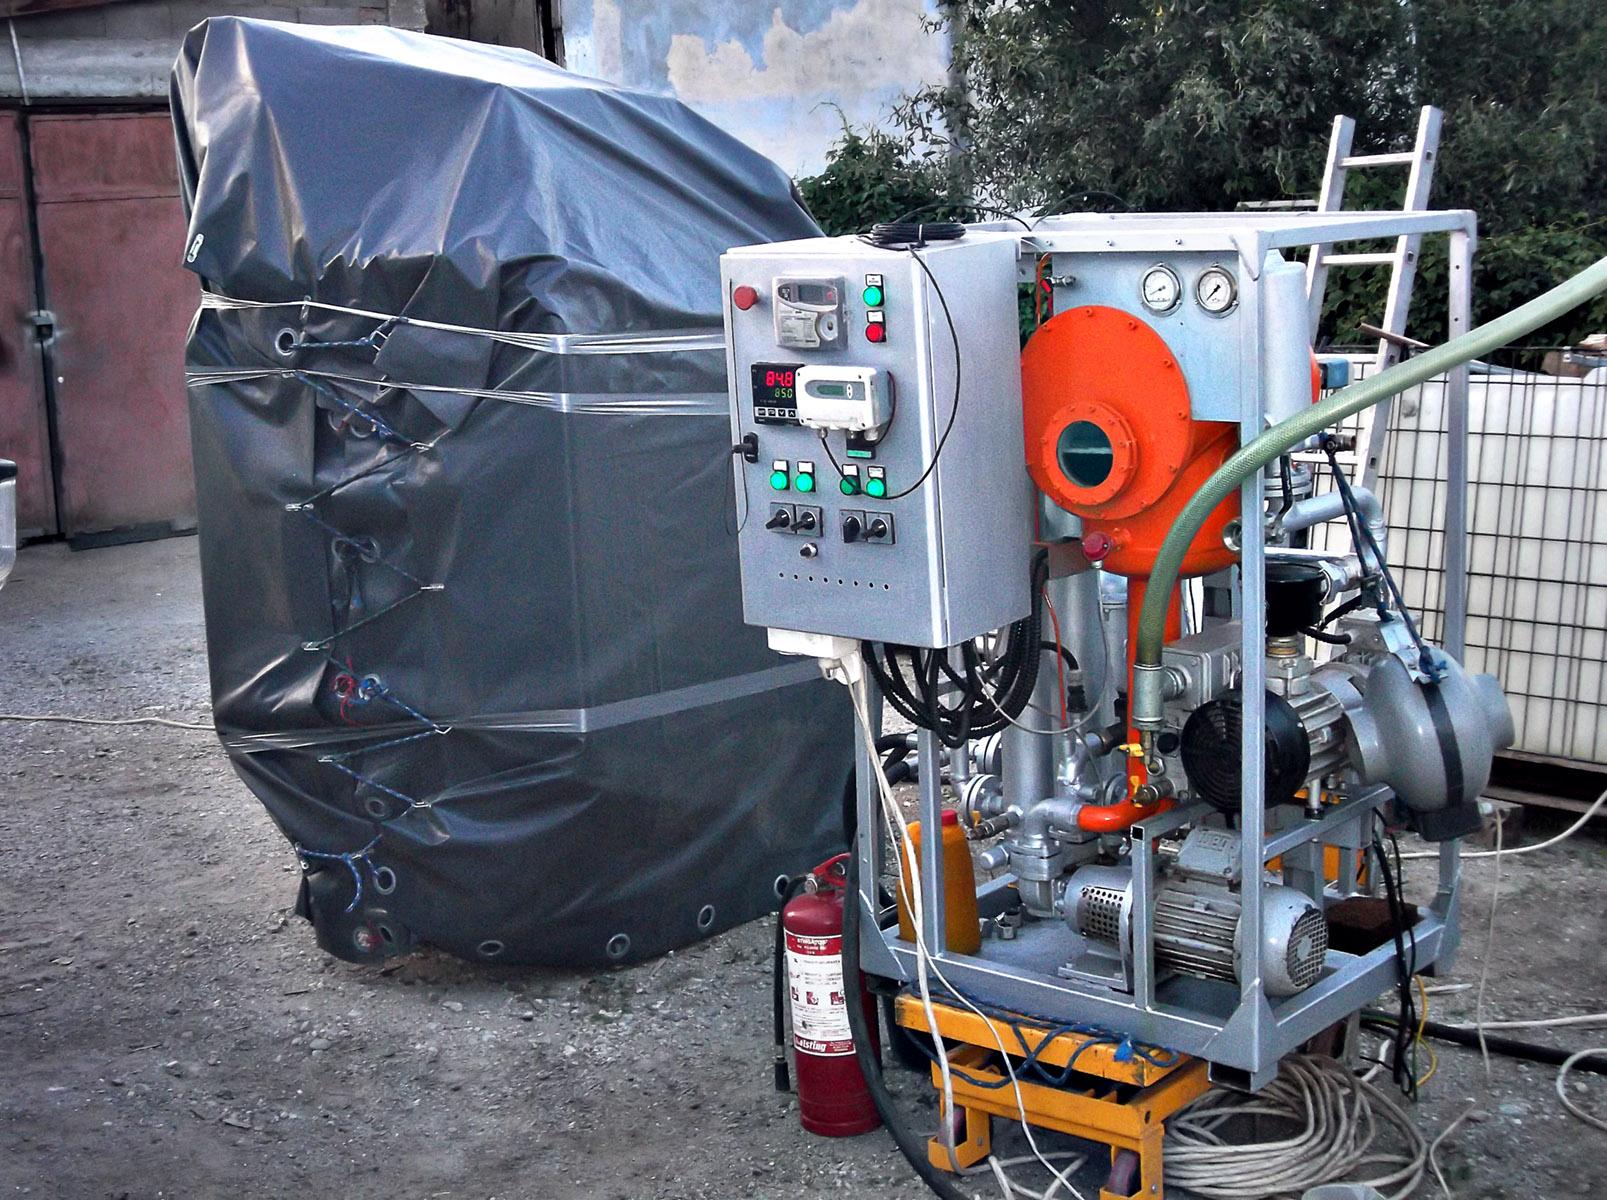 Versor Servicii Transformatoare trafo 630 KVA, revitalizare, calorifugare